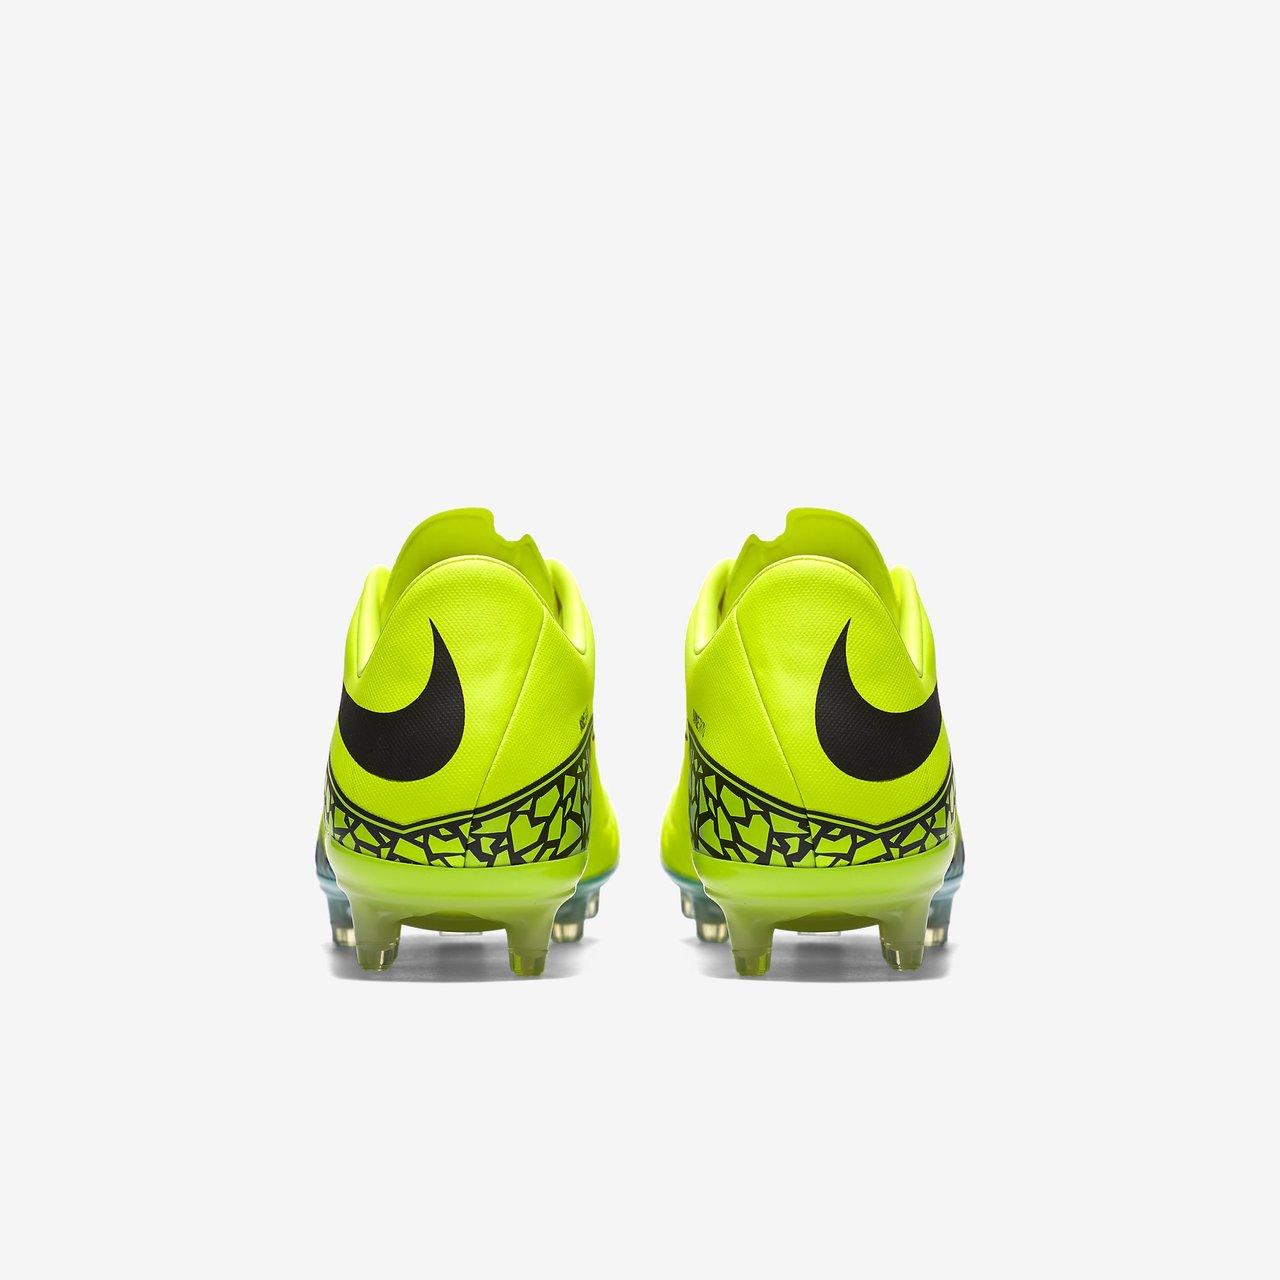 7e9964029d80 Nike Hypervenom Phinish II FG - Spark Brilliance Pack - Volt   Hyper ...